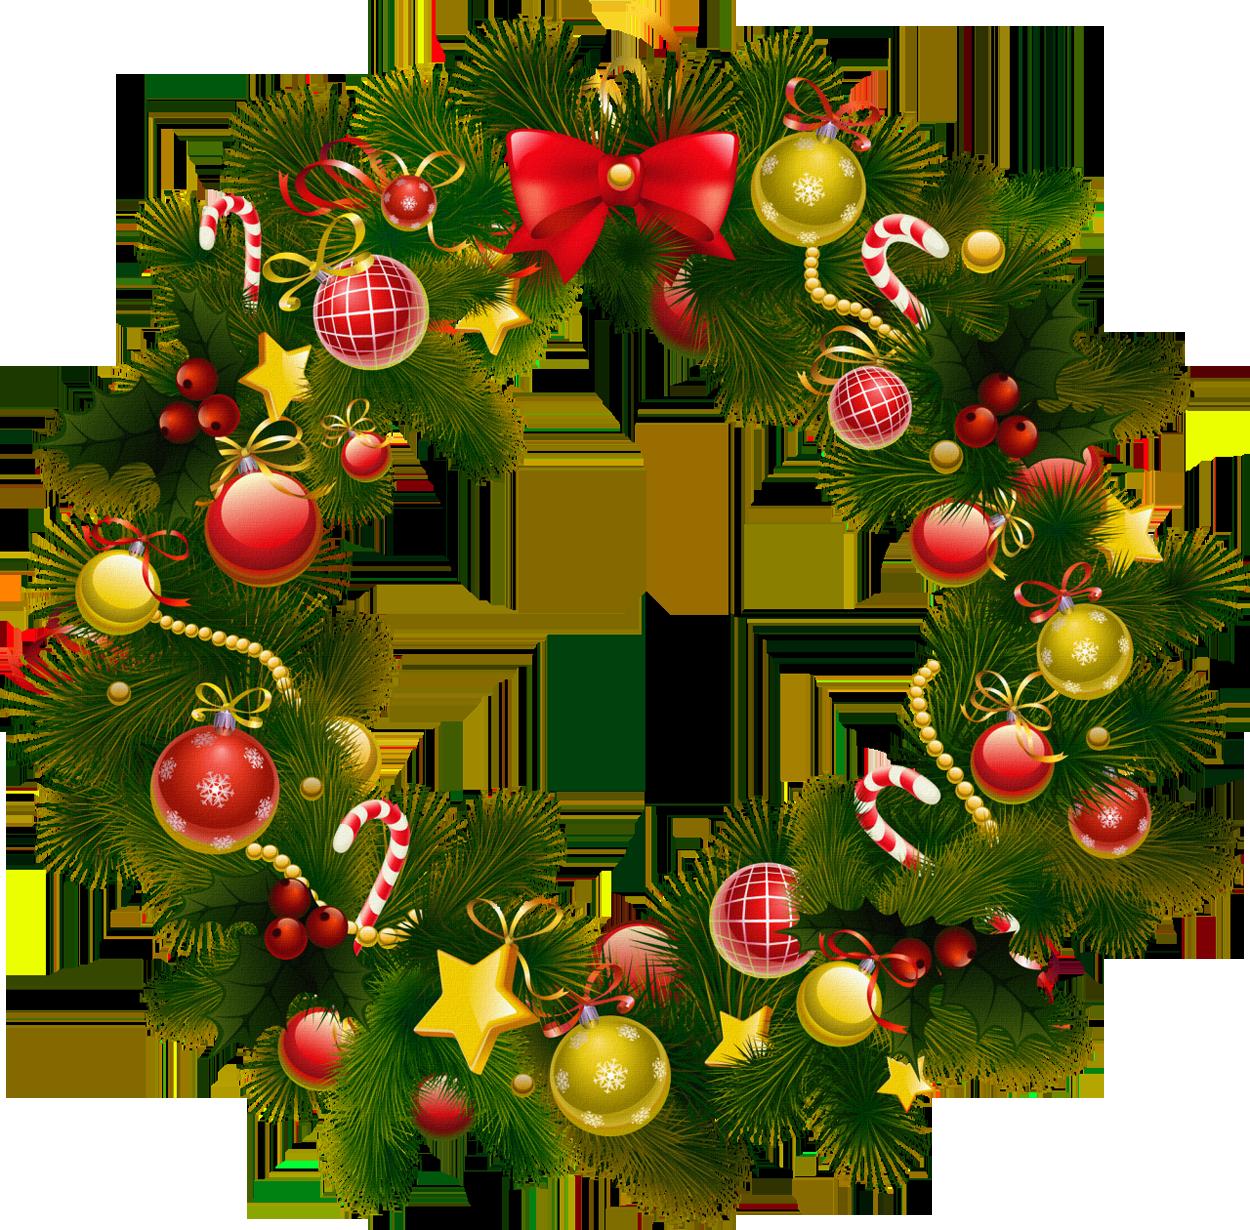 Christmas Wreath Clipart - Clipart Kid